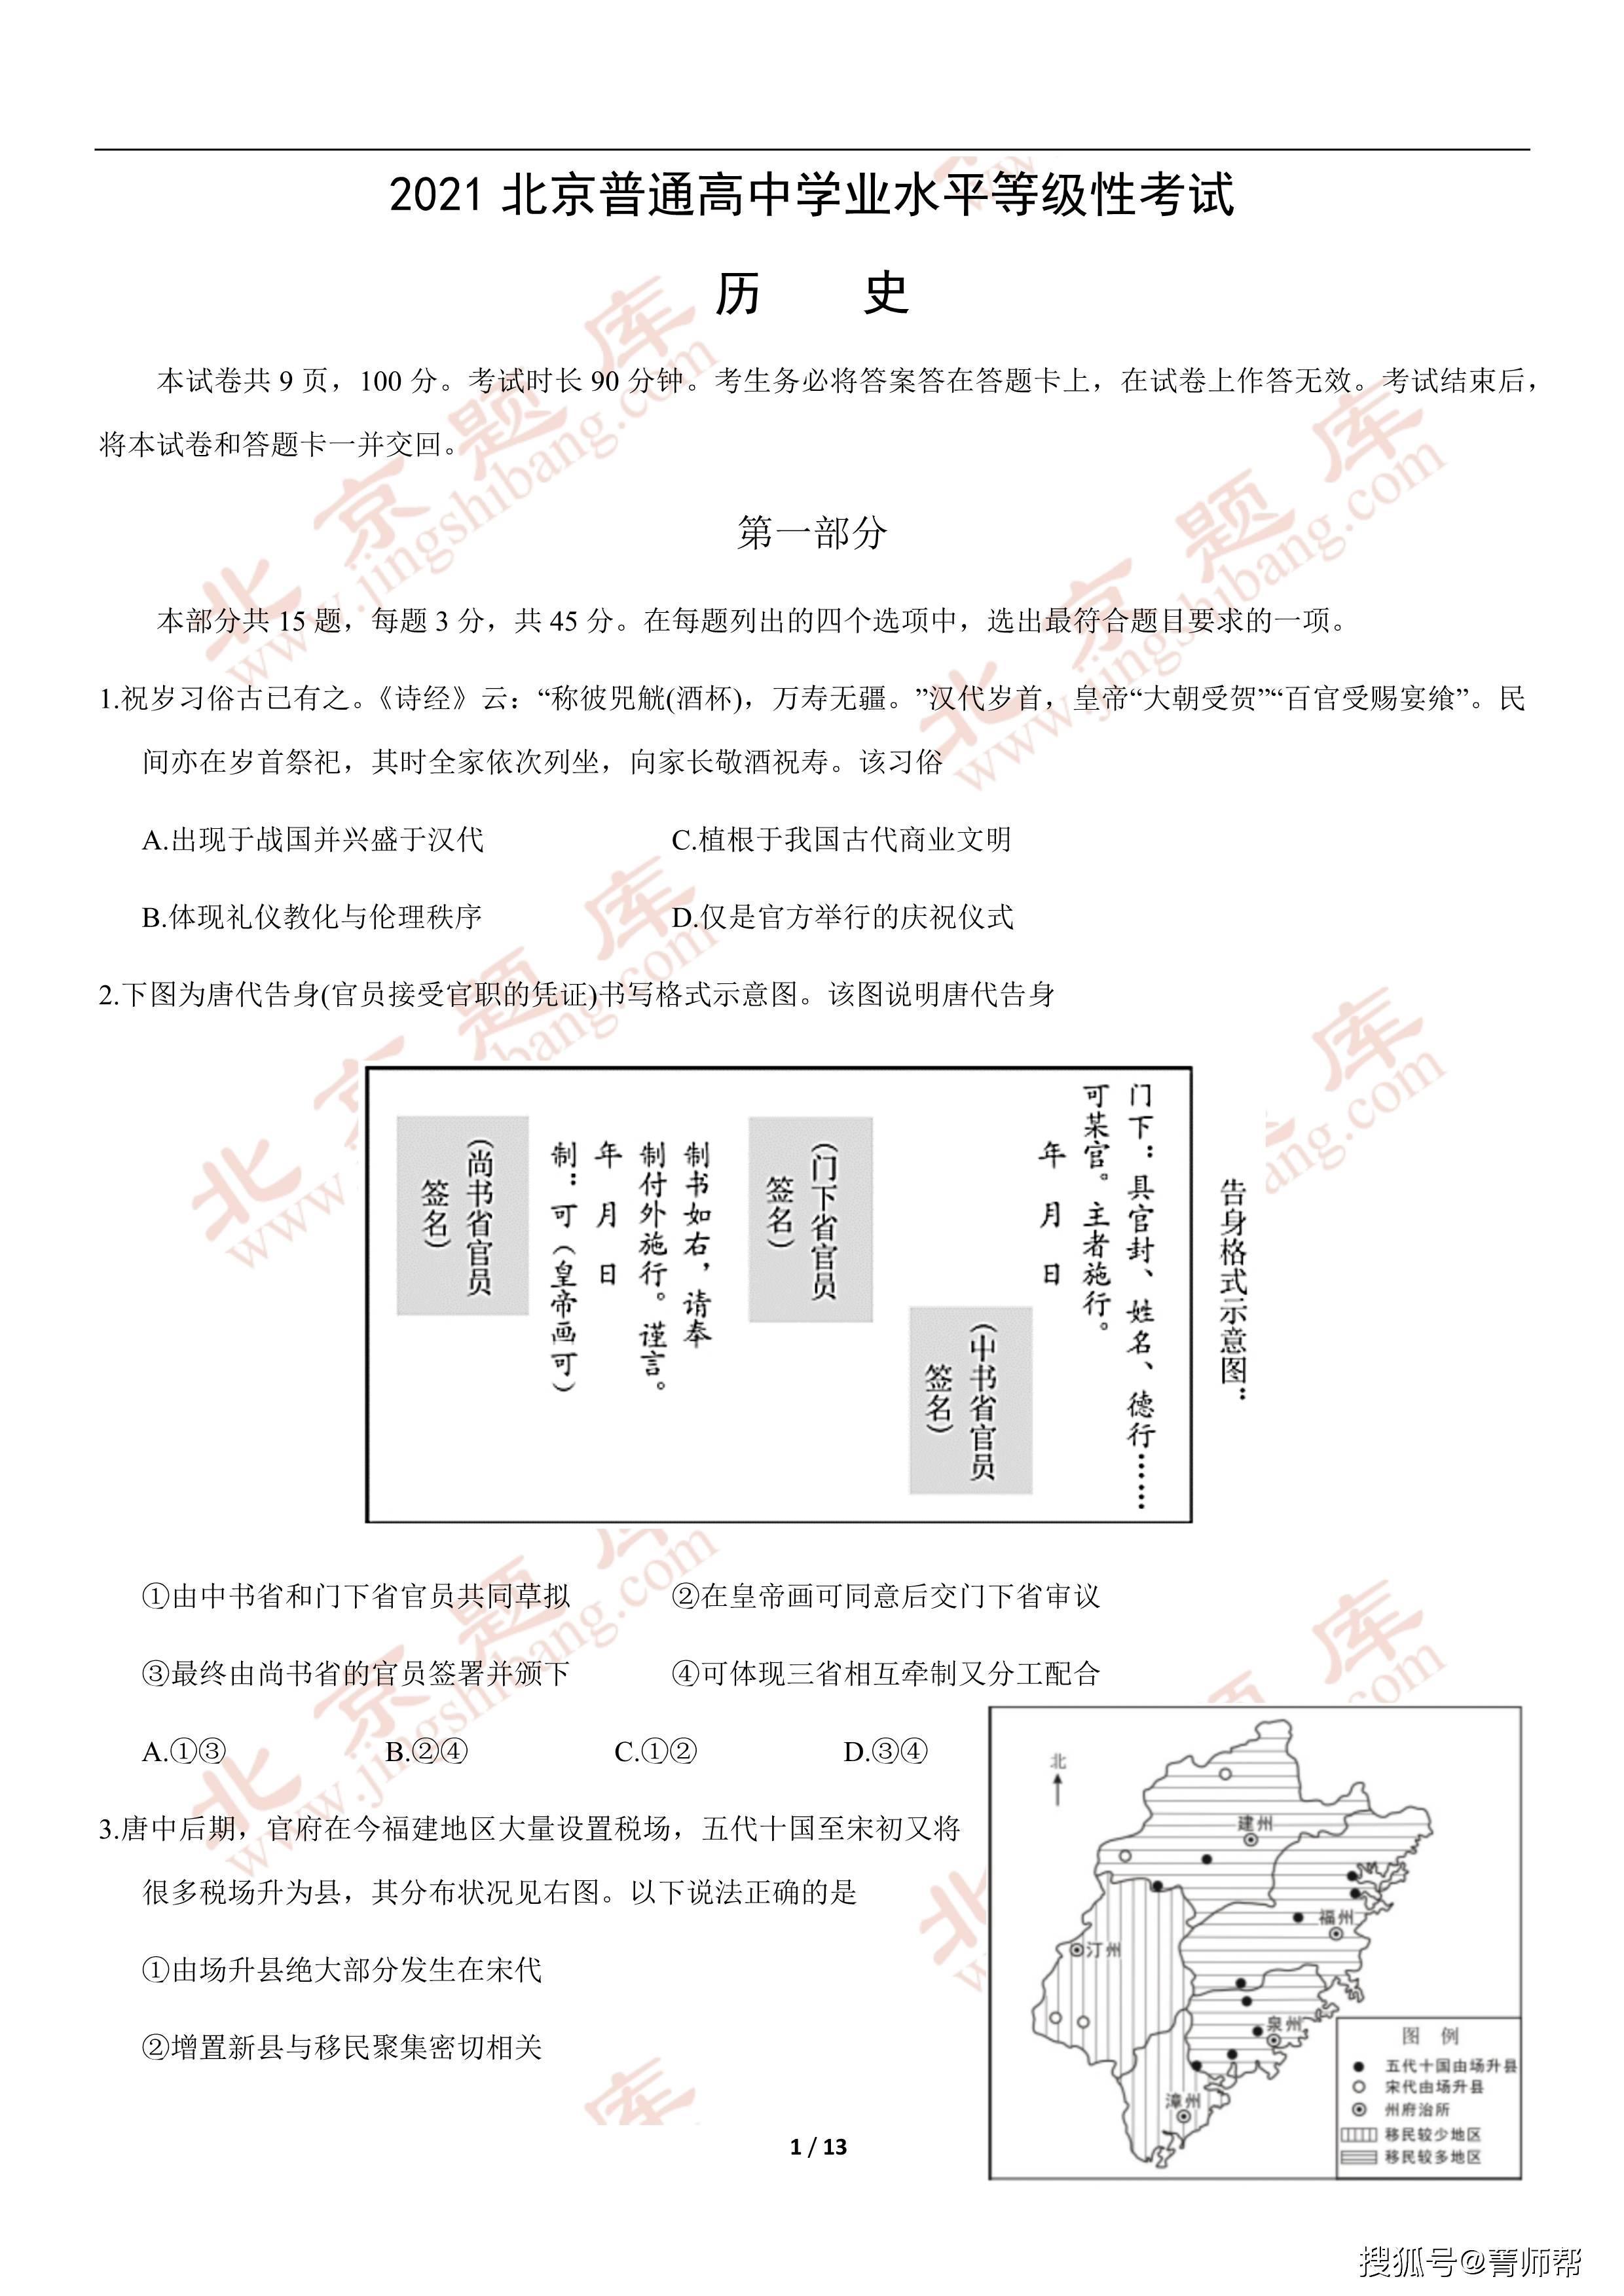 2021北京高考真题历史(教师版)